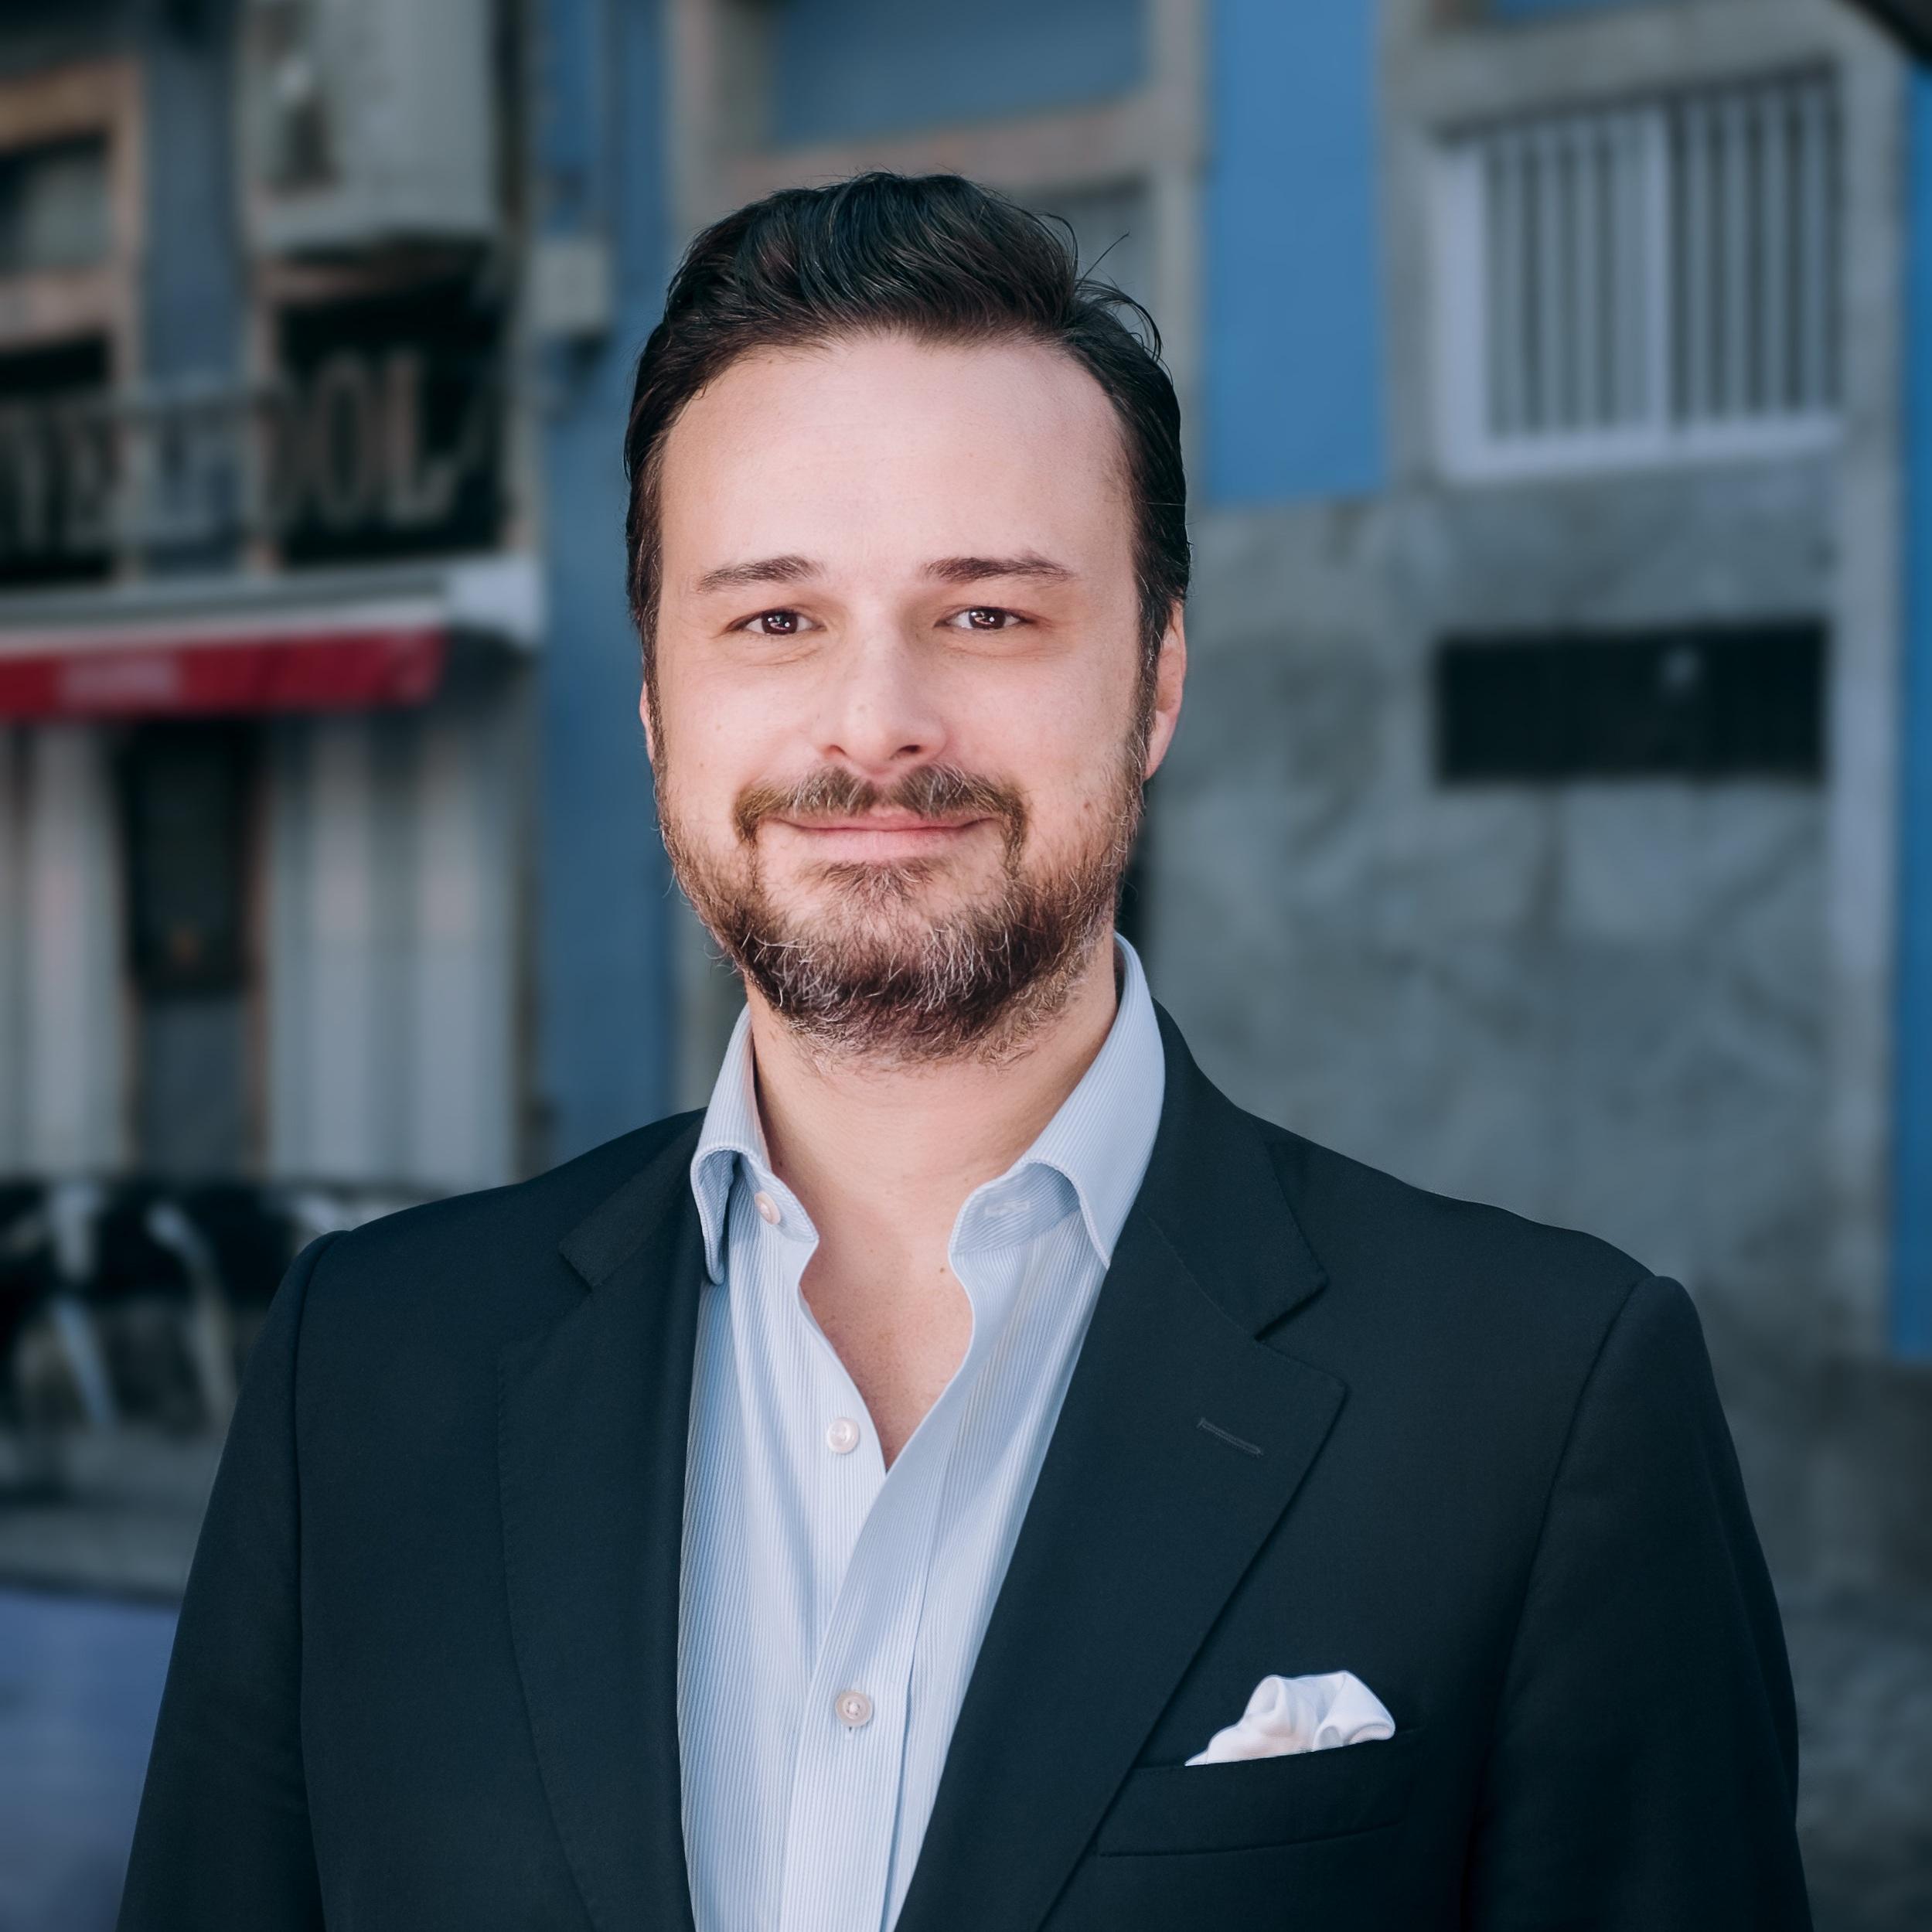 Miguel-1.jpg